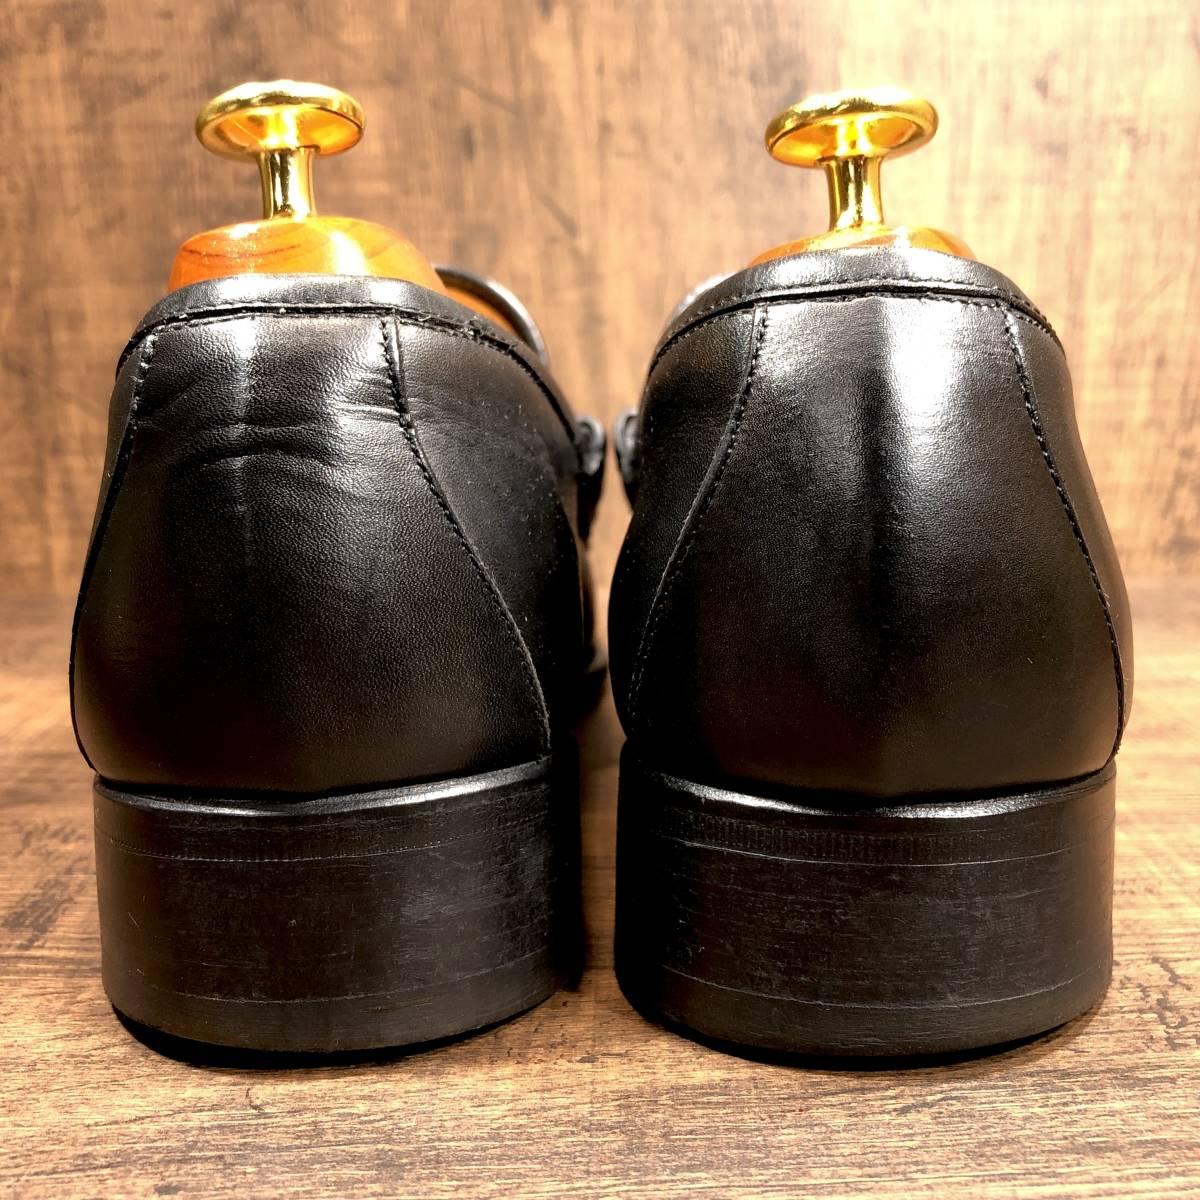 ■GUCCI■ 26cm 黒 ブラック グッチ ビットローファー メンズ 革靴 靴 本革 ビジネス ドレス くつ 即決_画像2